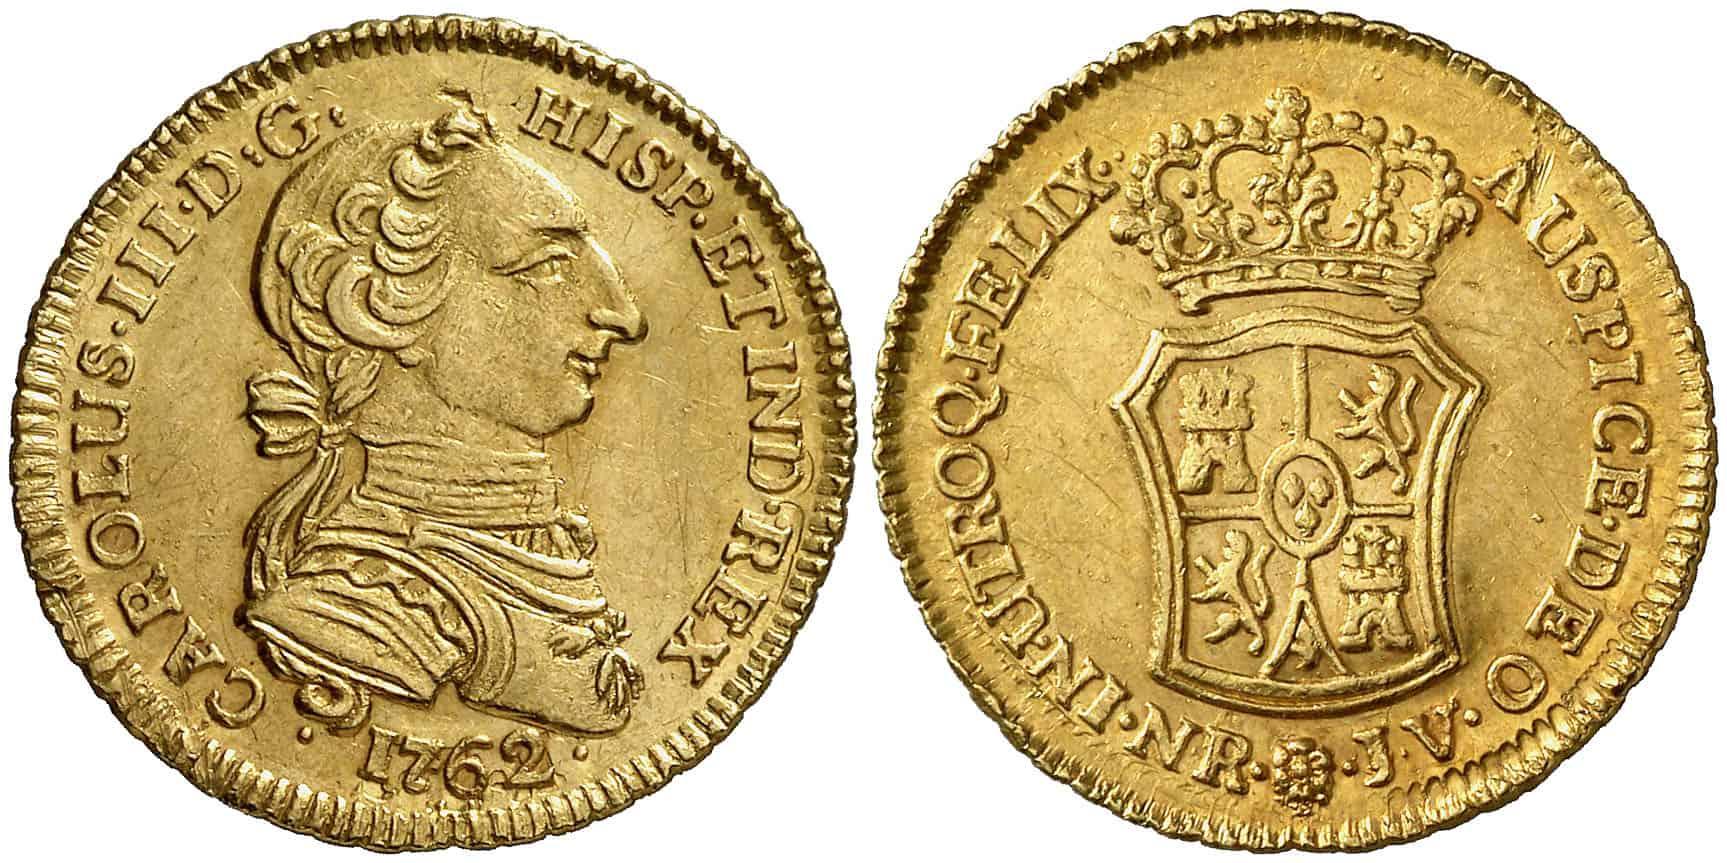 2 Escudos Santa Fe 1762